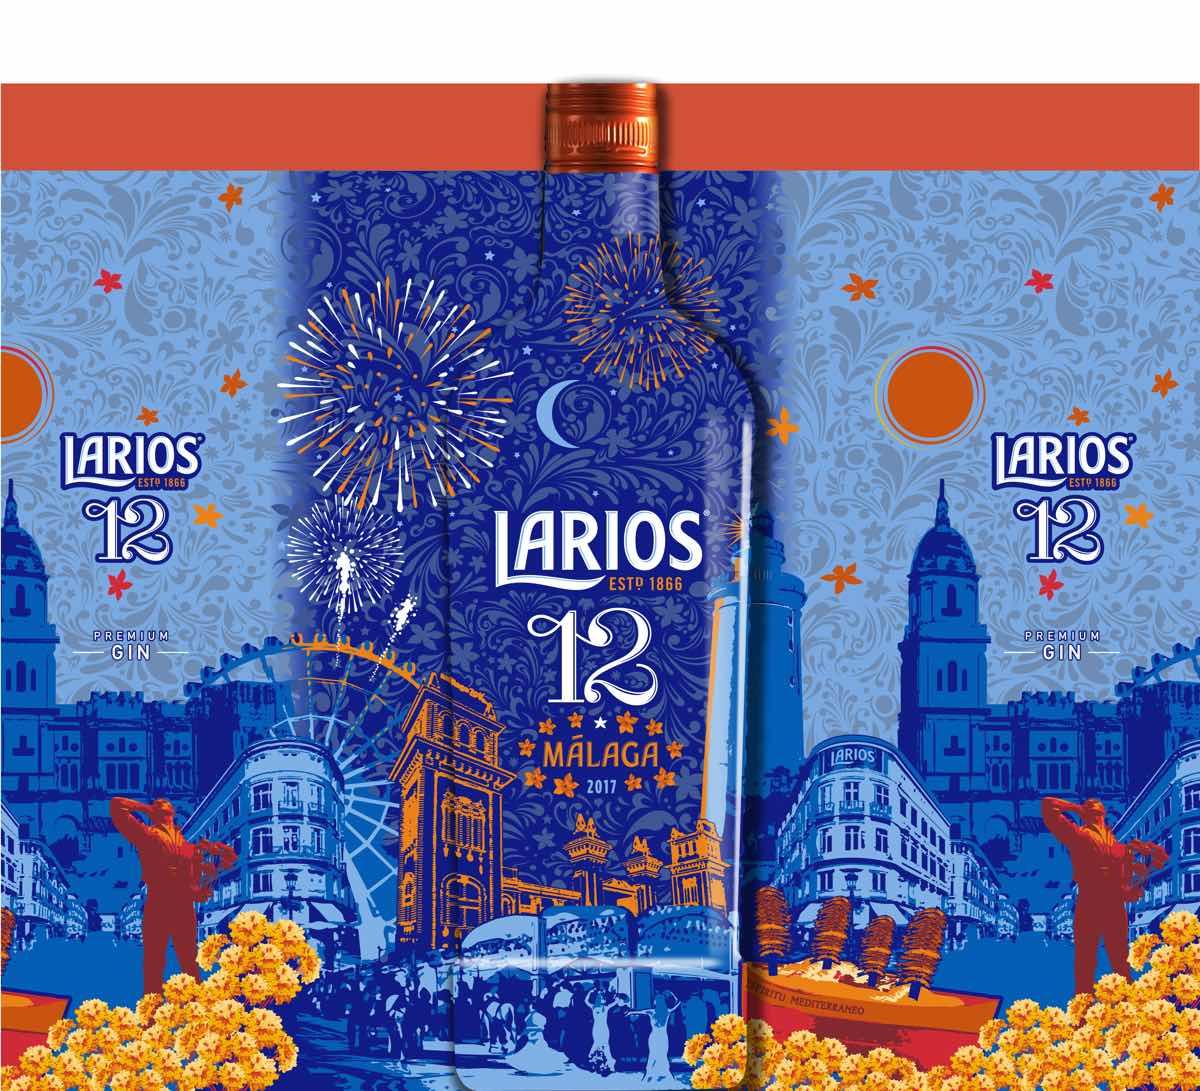 Larios 12 lleva el espíritu mediterráneo con una edición especial para la feria de Málaga en 2017